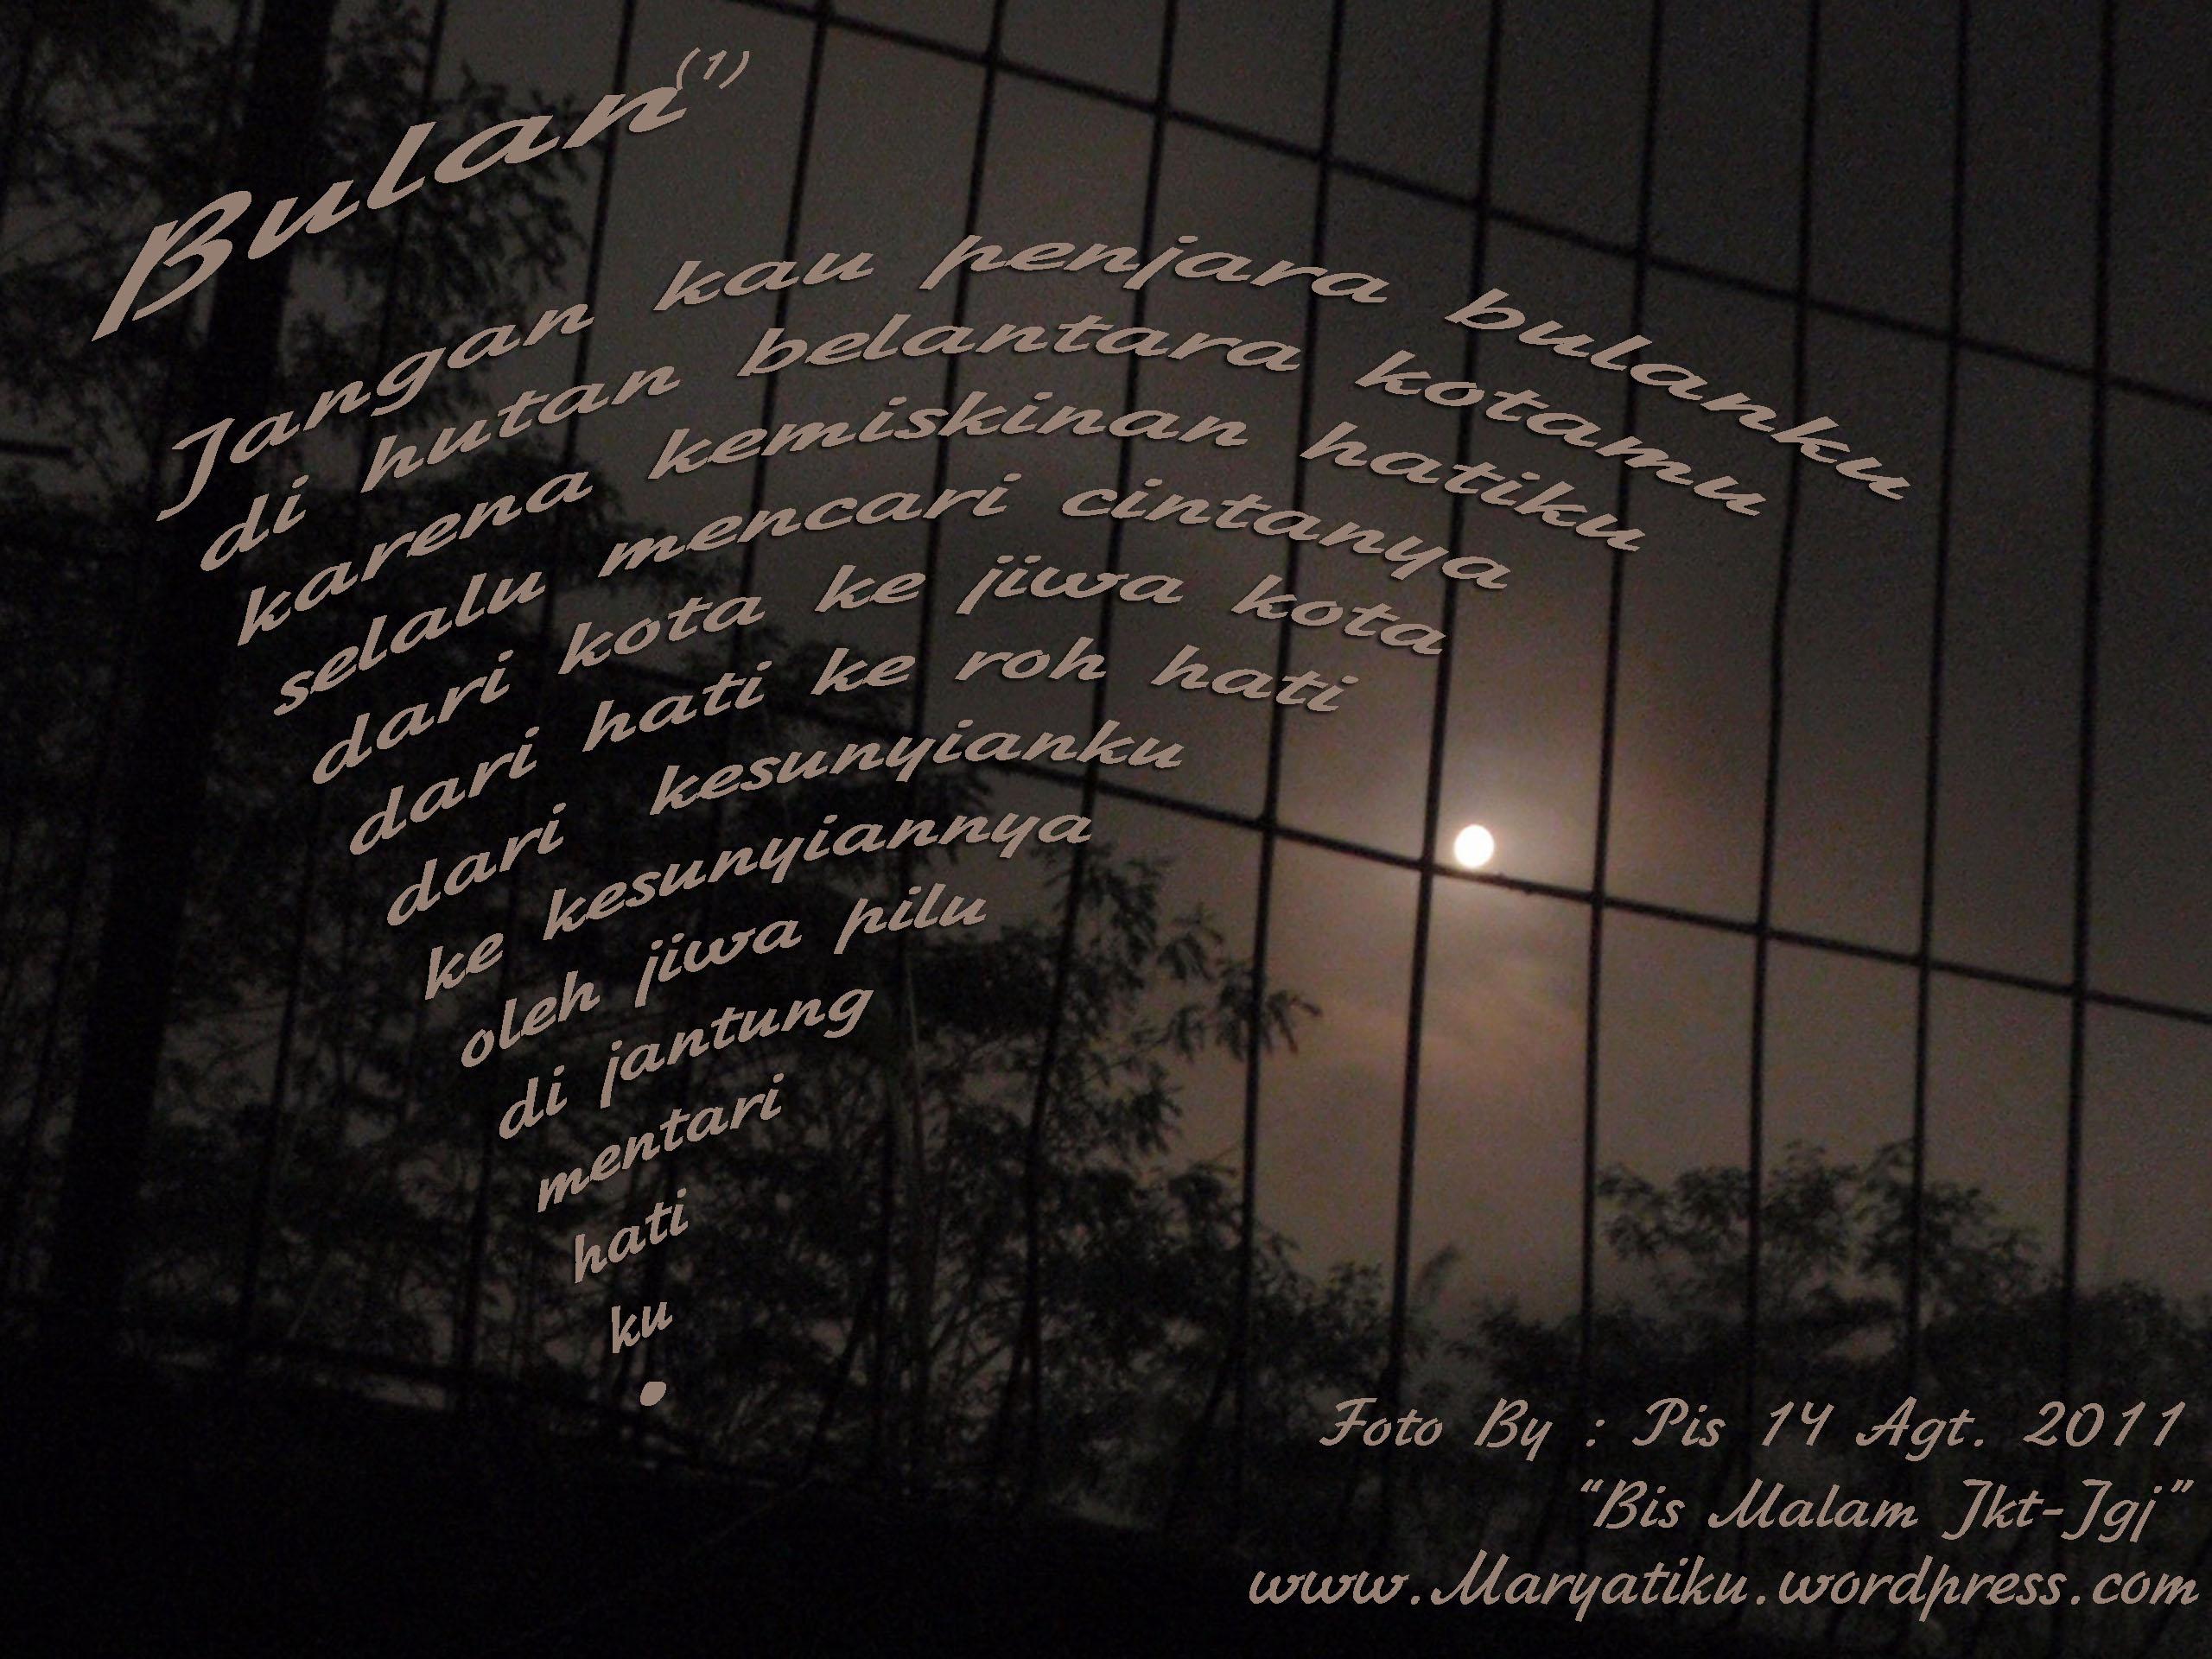 Puisi Bulan Yang Terpenjara